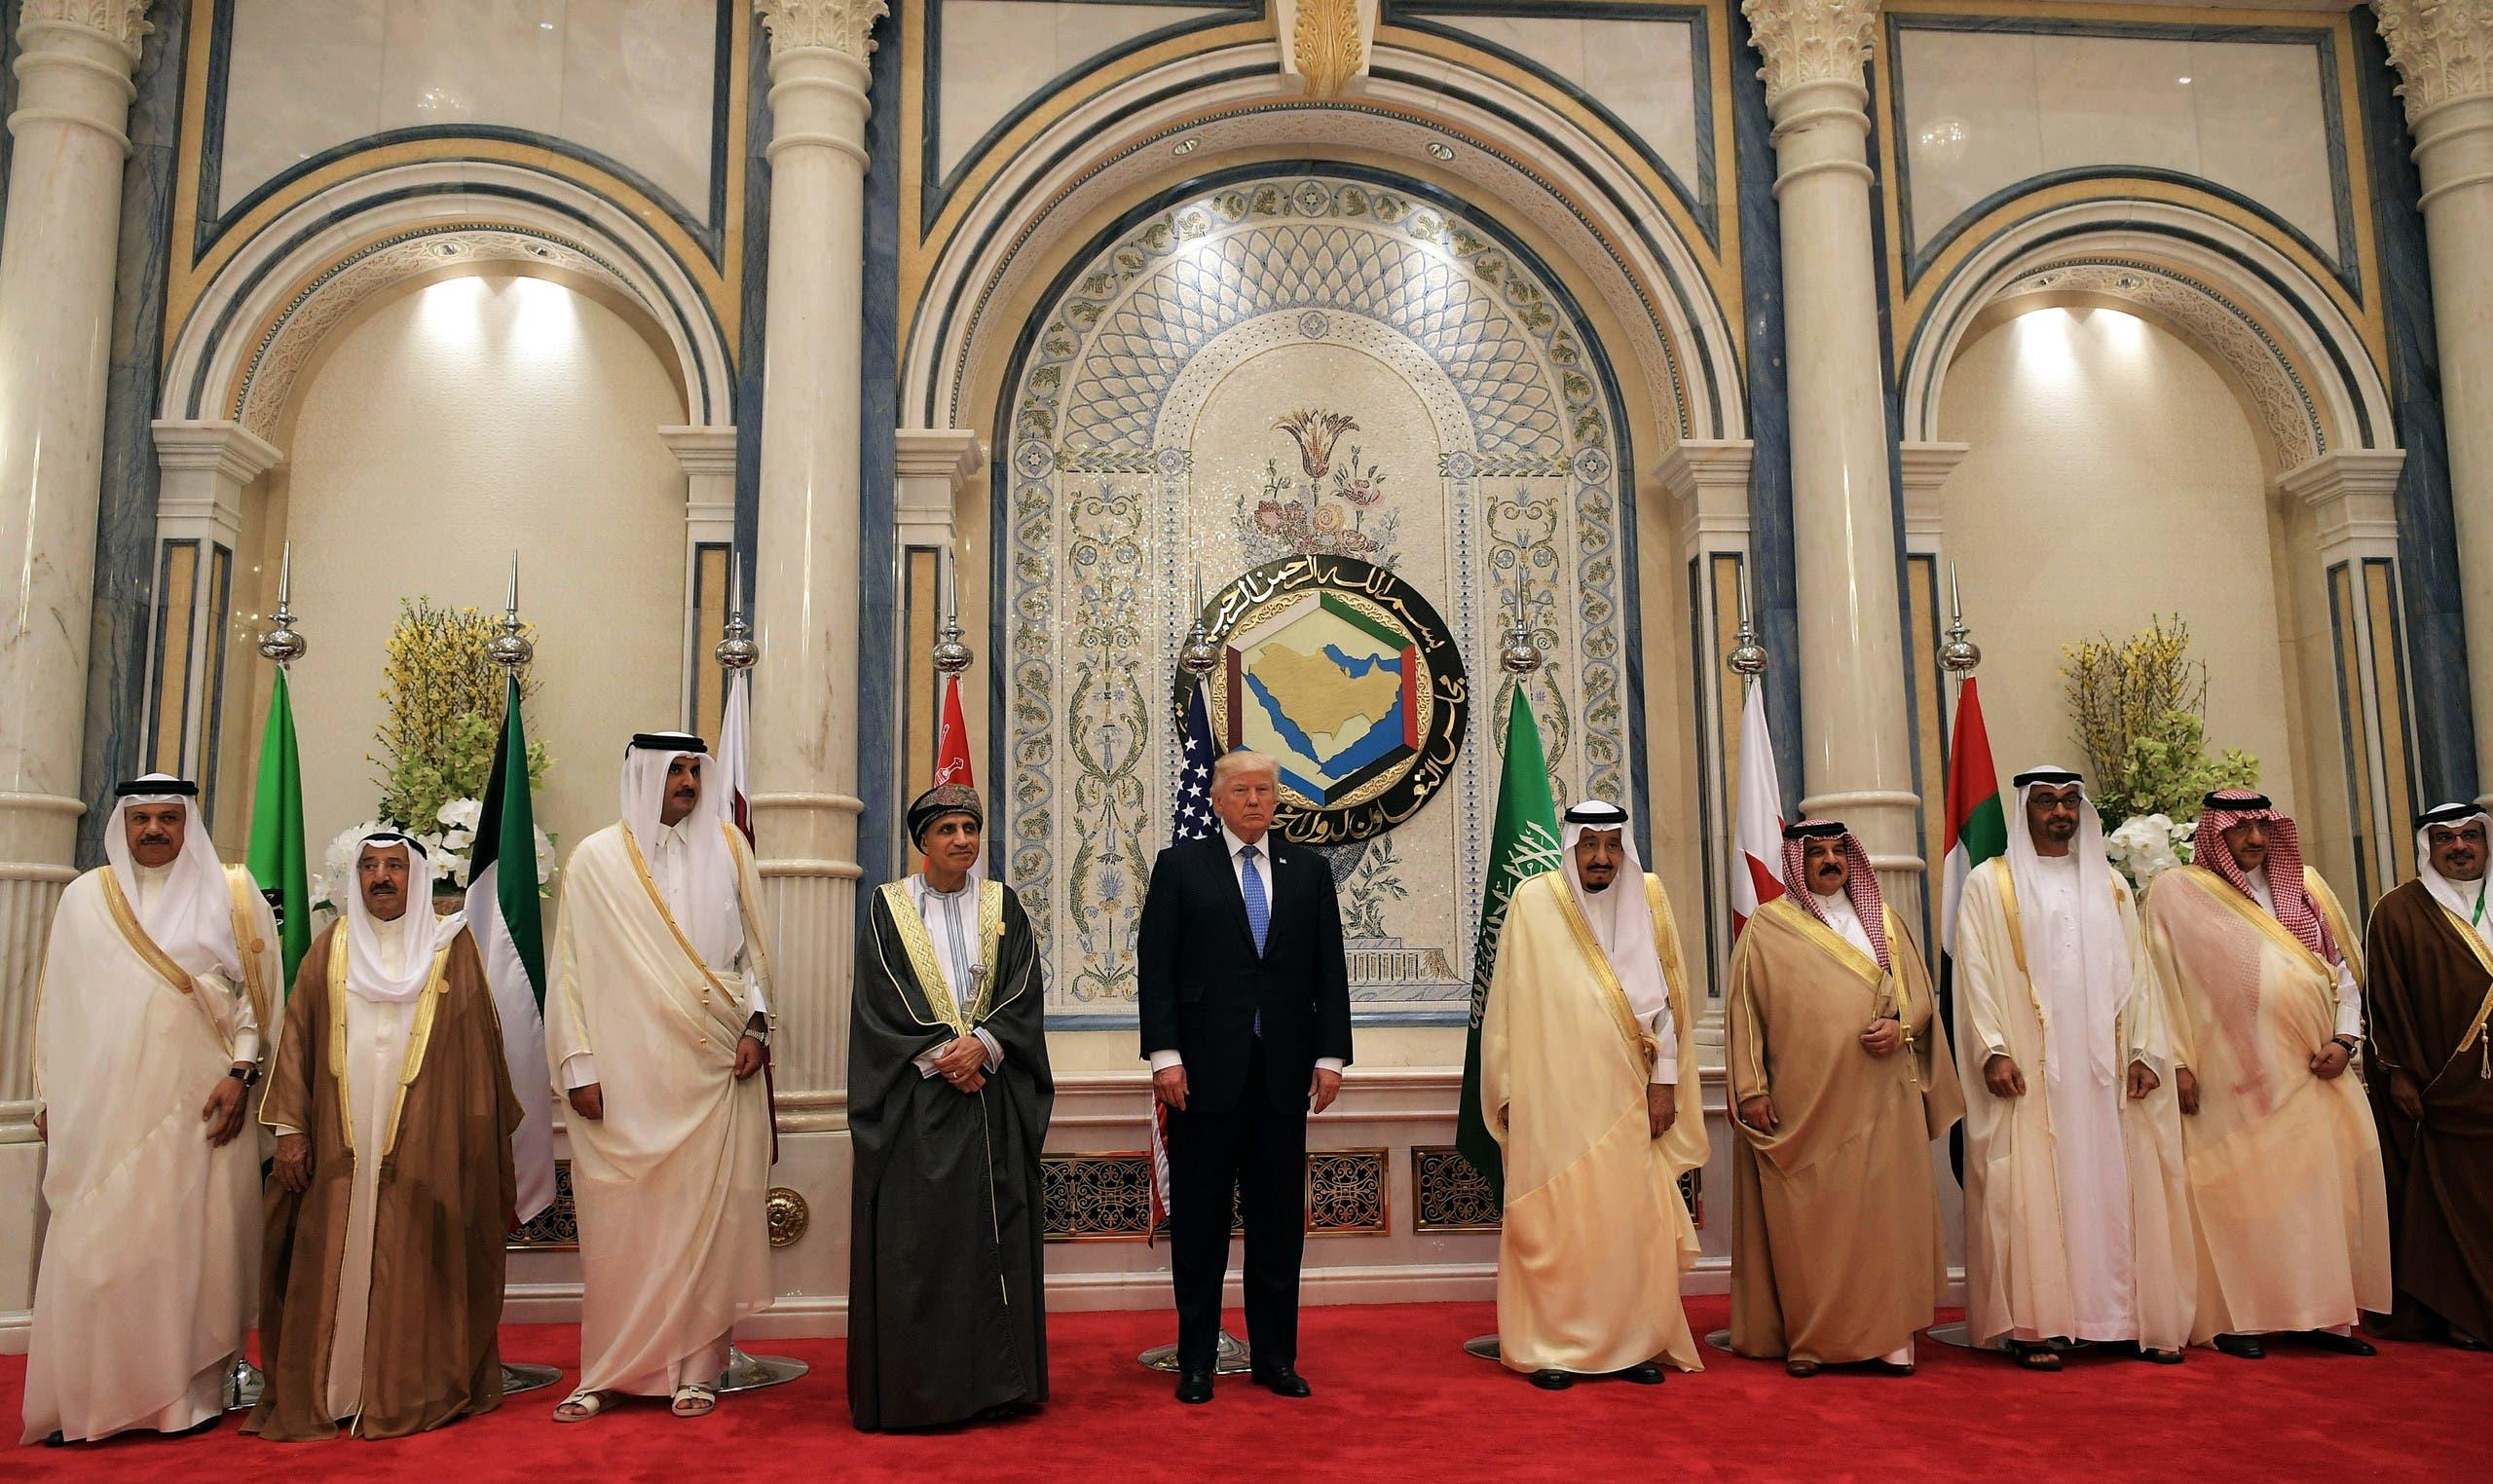 صورة تذكارية تجمع ترمب وقادة الخليج